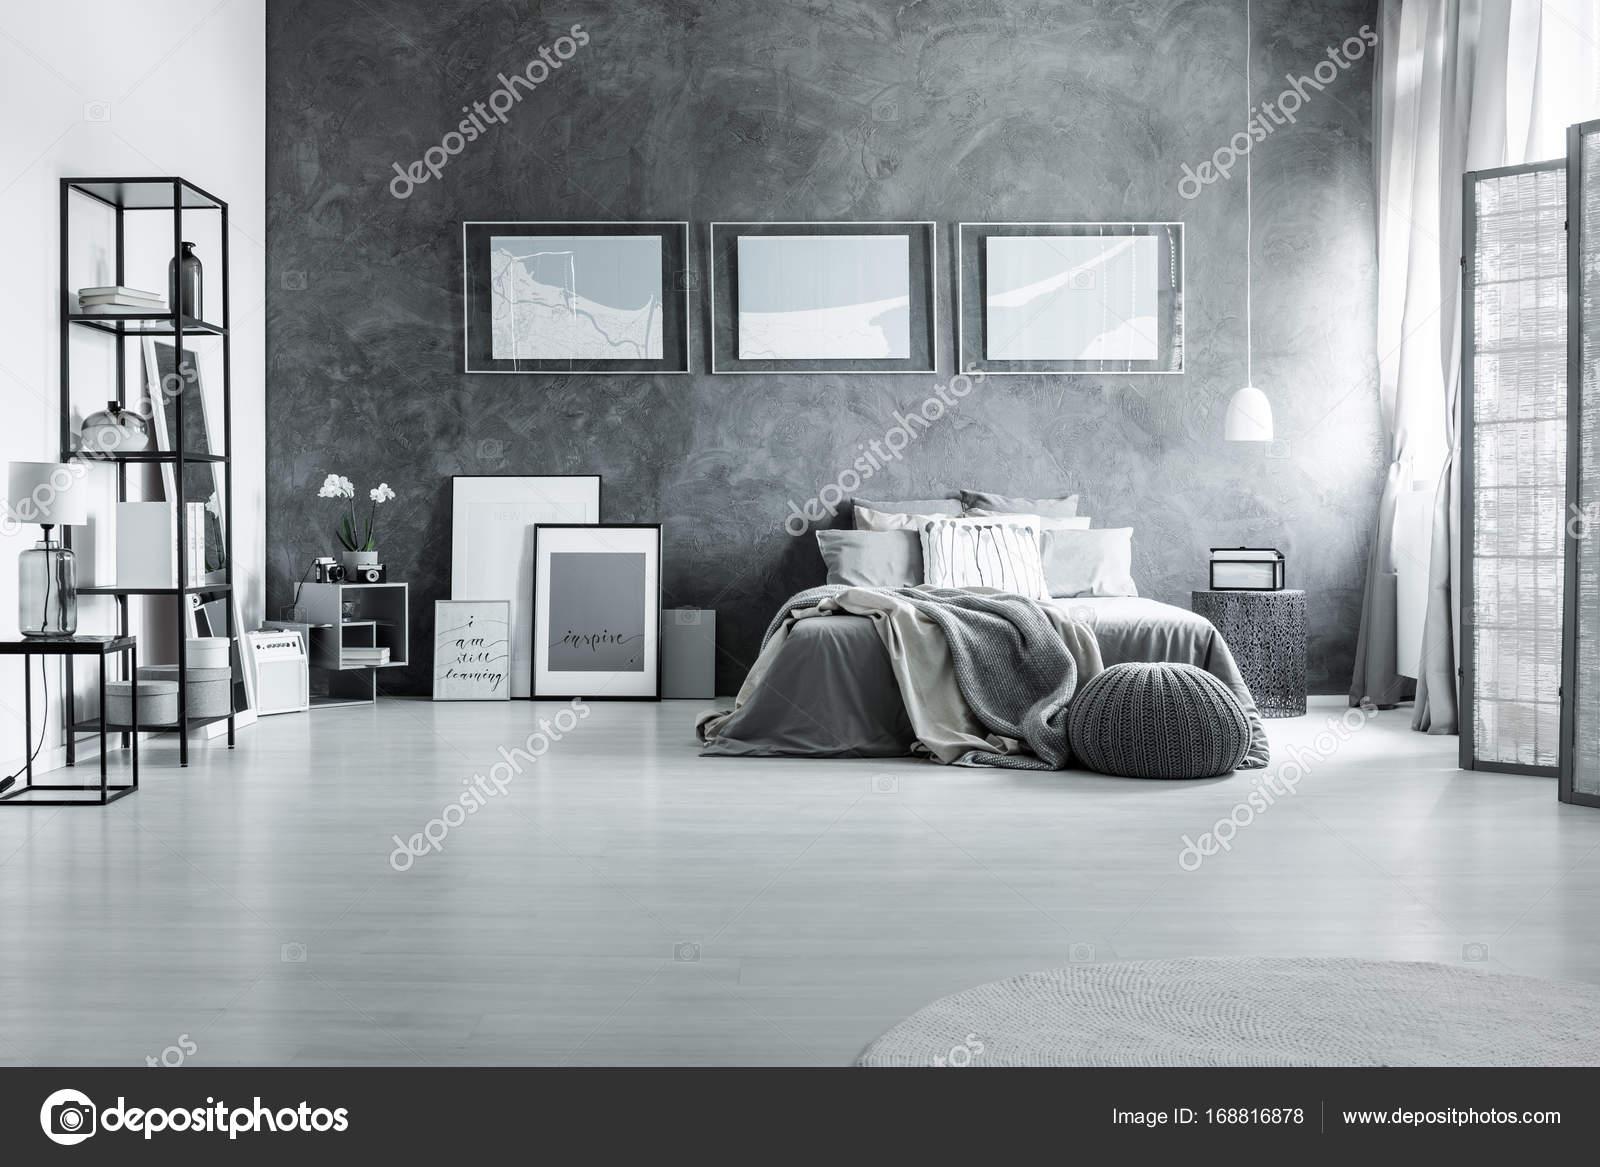 quilt op kingsize bed tegen de betonnen muur met wit posters in chique zwart wit slaapkamer grijs foto van photographeeeu